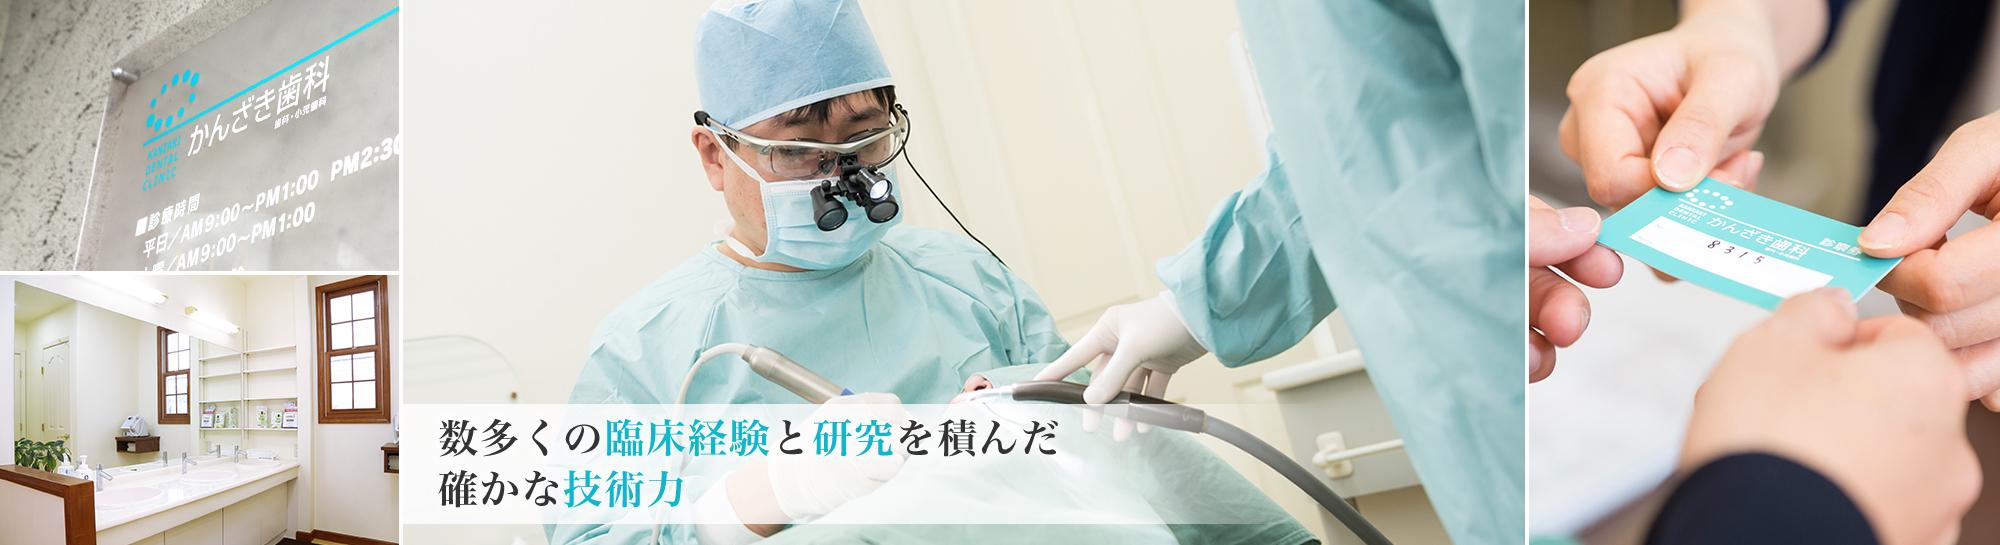 数多くの臨床経験と研究を積んだ確かな技術力